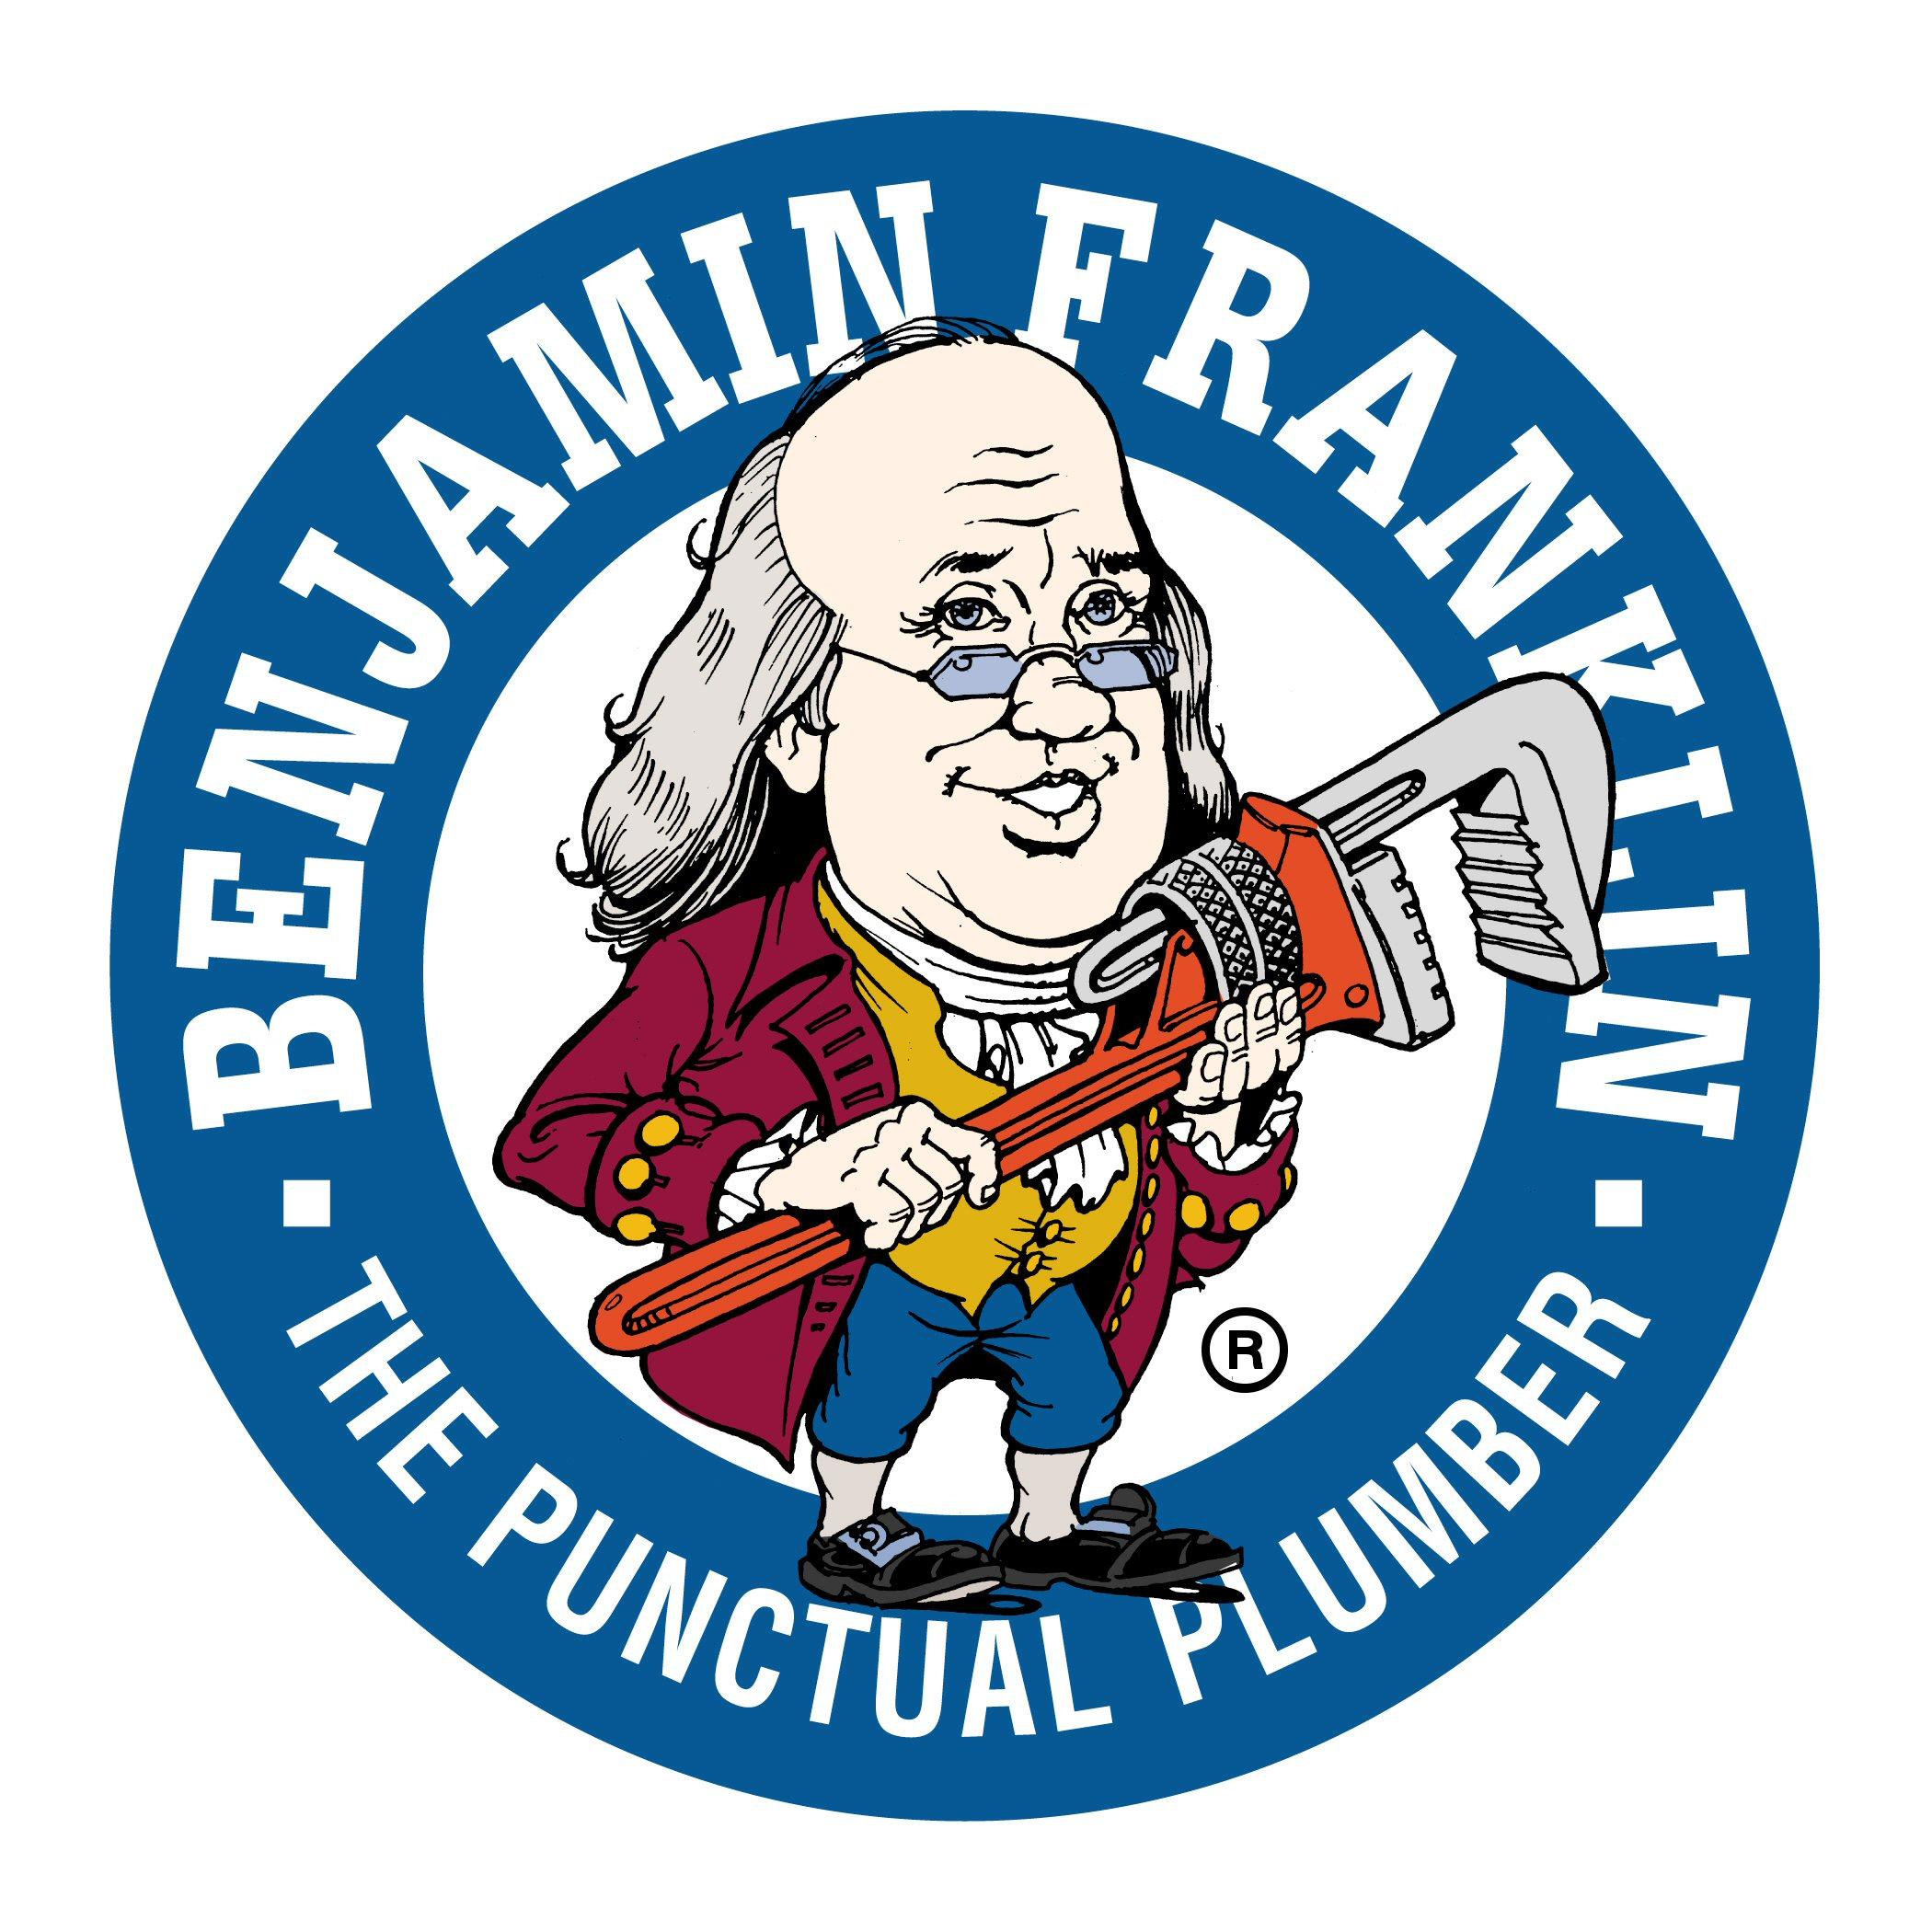 Benjamin Franklin Plumbing Reviews: Benjamin Franklin Plumbing: Cincinnati